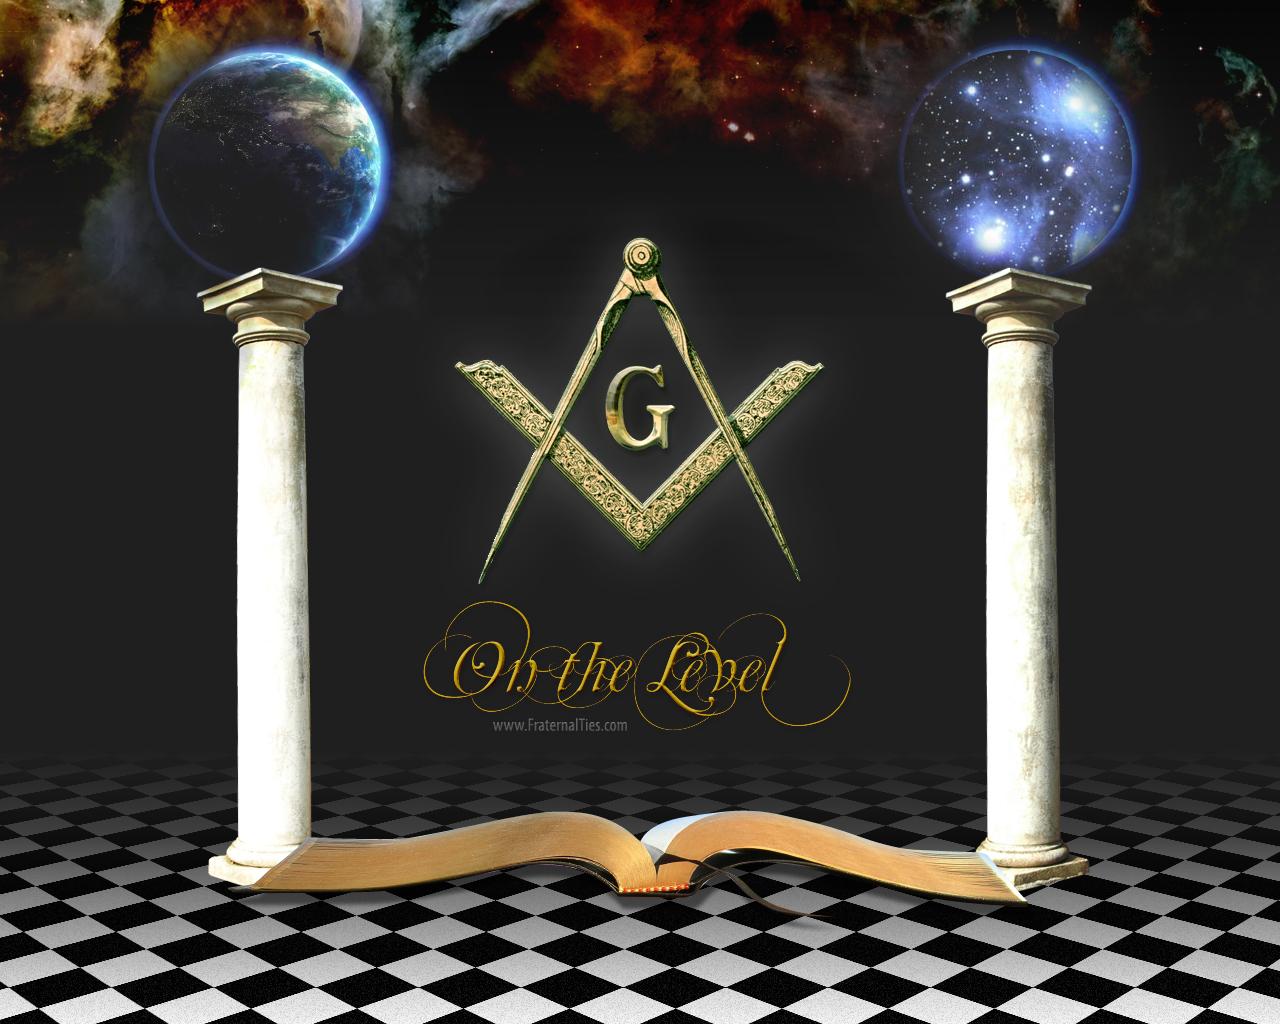 WEBMAIL MASONIC WALLPAPERS Freemasonry Beyond Philippine Masons 1280x1024